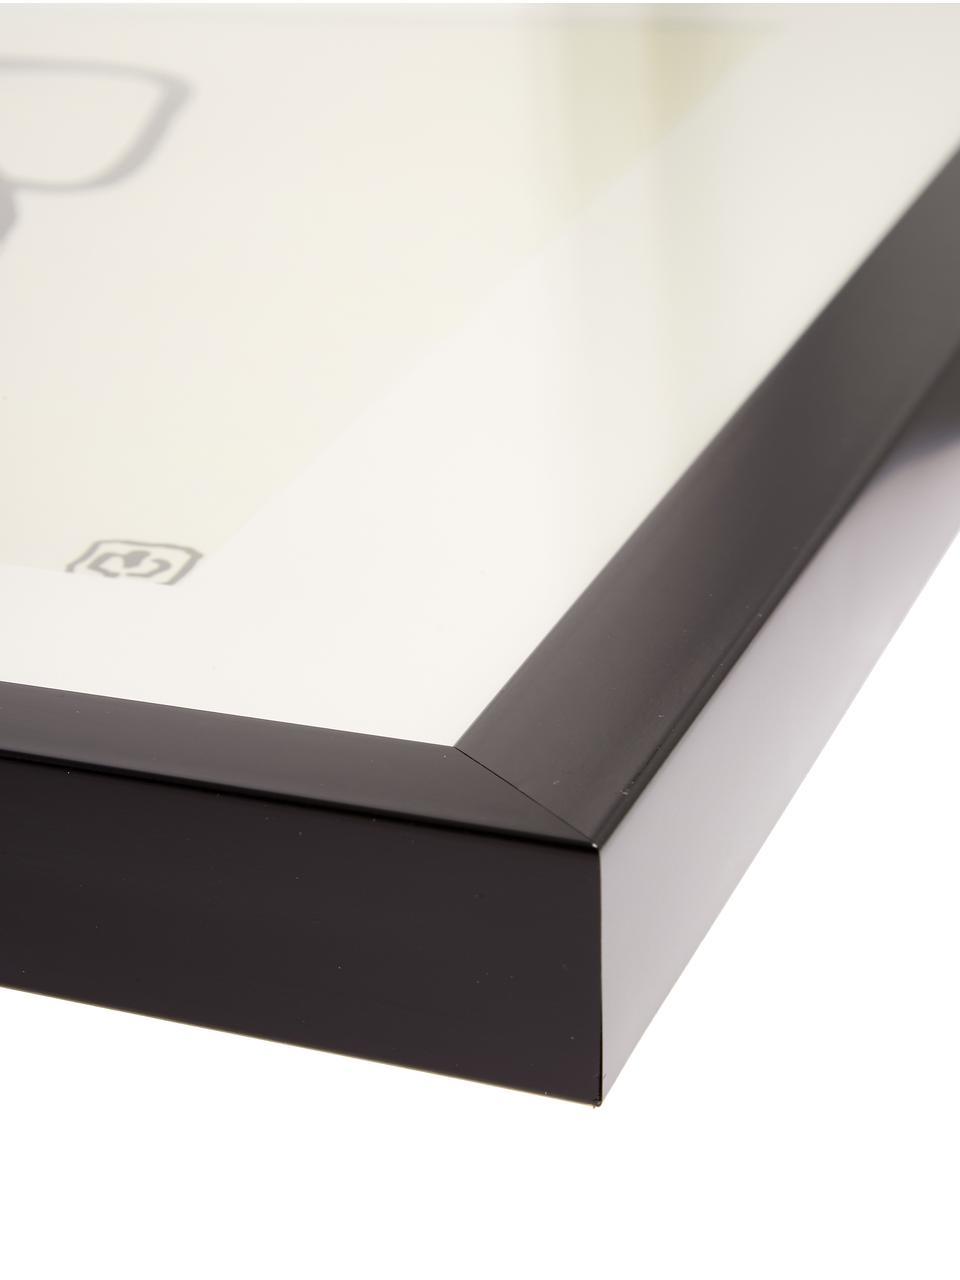 Gerahmter Digitaldruck Akt Lady III, Bild: Digitaldruck, Rahmen: Kunststoff, Front: Glas, Bild: Schwarz, Beige<br>Rahmen: Schwarz, 40 x 40 cm